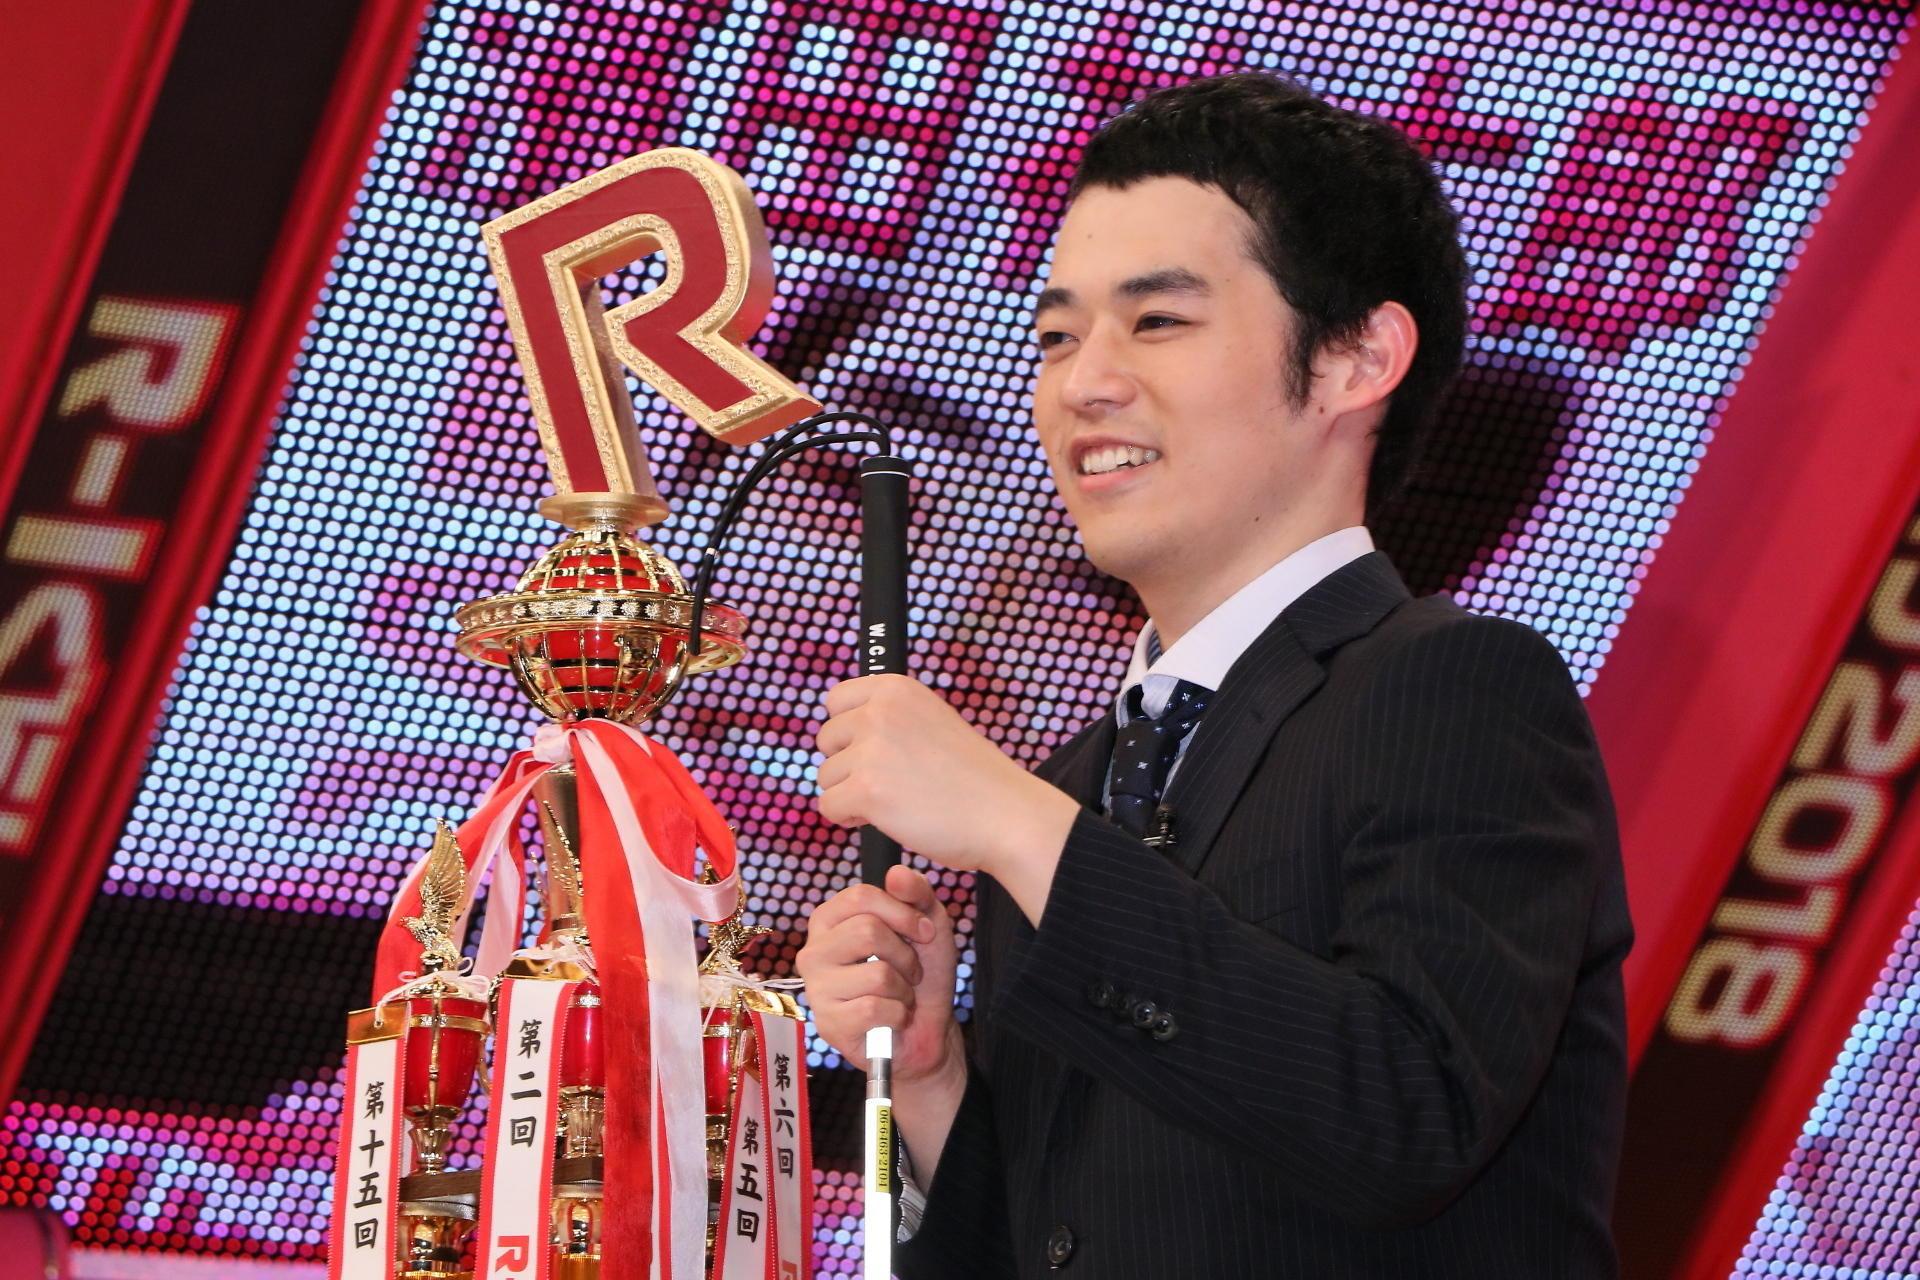 http://news.yoshimoto.co.jp/20180306235212-1a15d11f20a95e6b615e59cc88512e6a620b057d.jpg